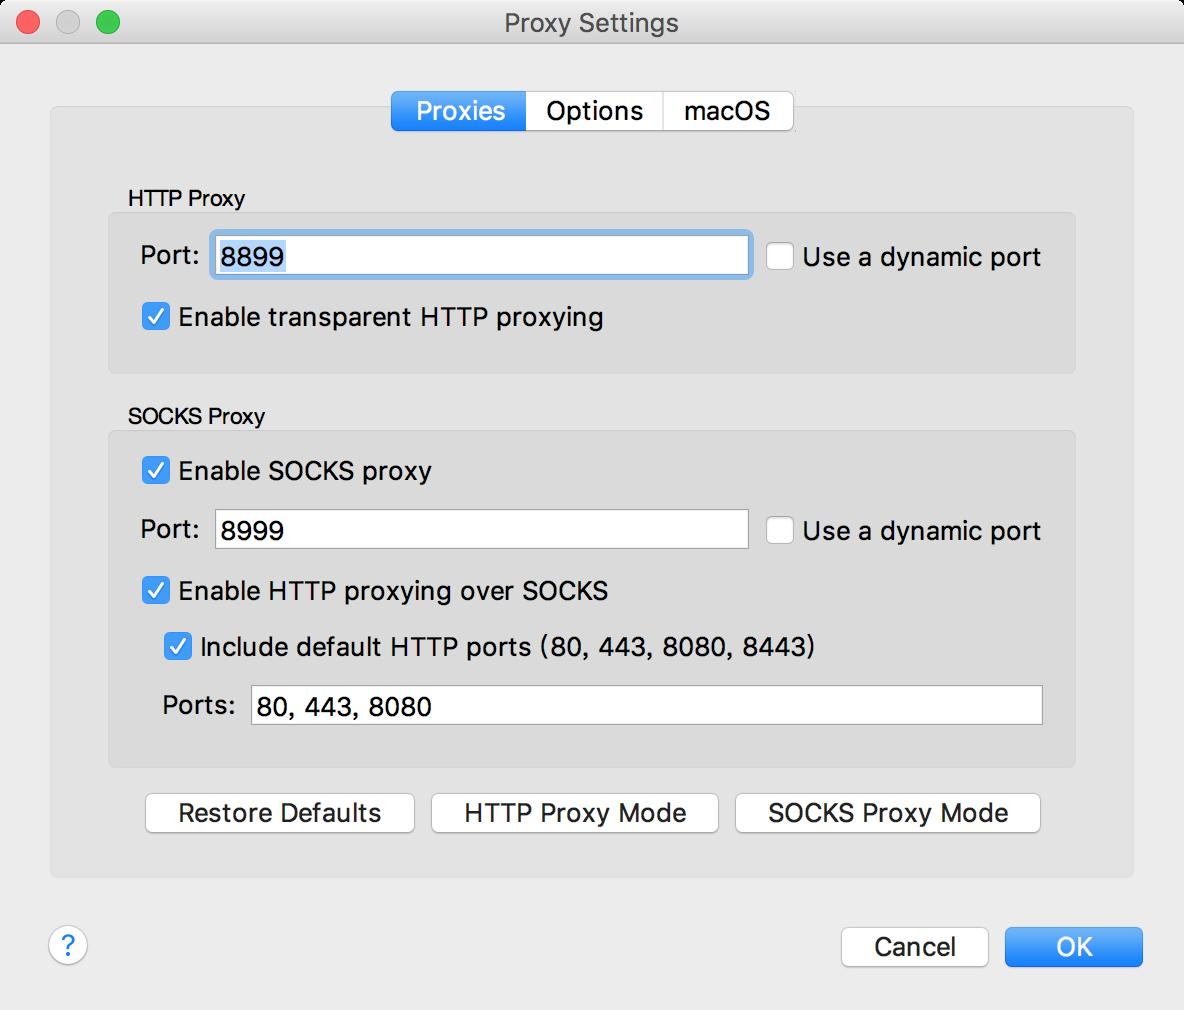 在导航栏选择Proxy->ProxySettings 或者在界面工具栏选择设置(齿轮图标)->ProxySettings